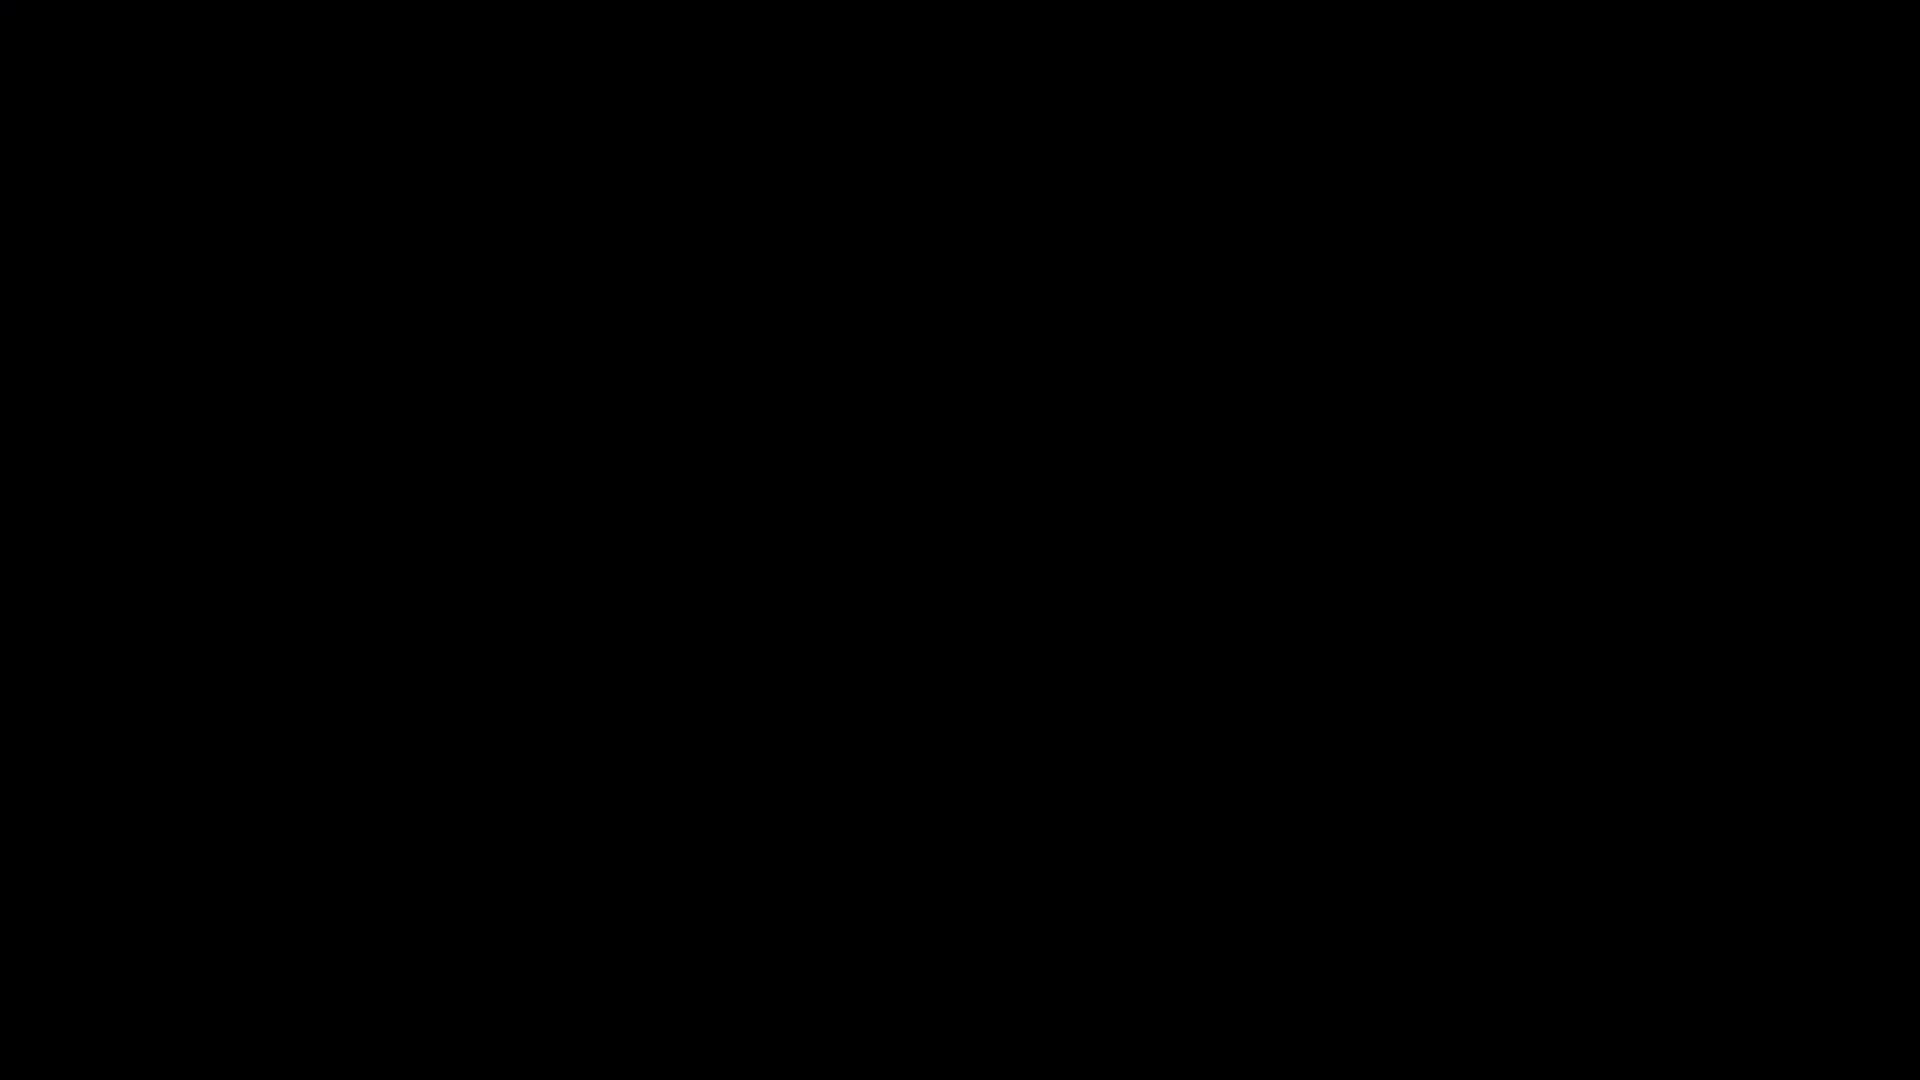 代号MOON 概念宣传片